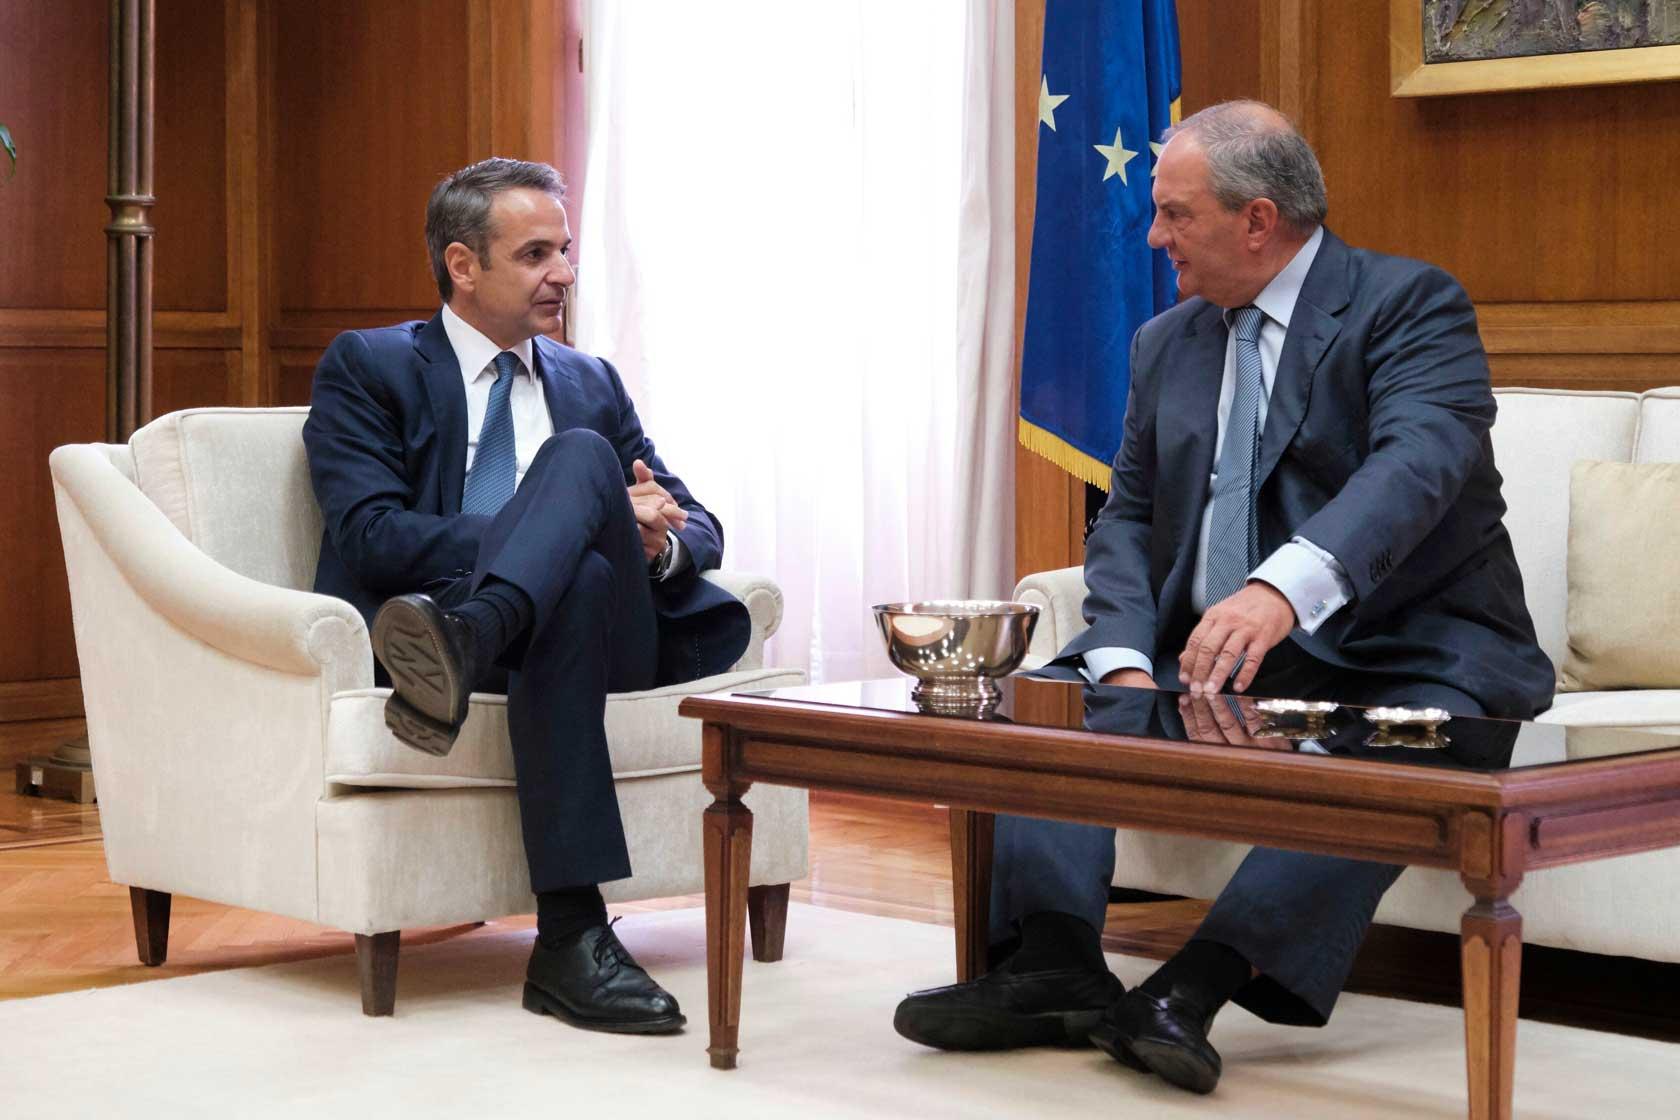 Συνάντηση του Πρωθυπουργού με τον πρώην πρωθυπουργό και πρώην πρόεδρο της ΝΔ κ. Κώστα Καραμανλή